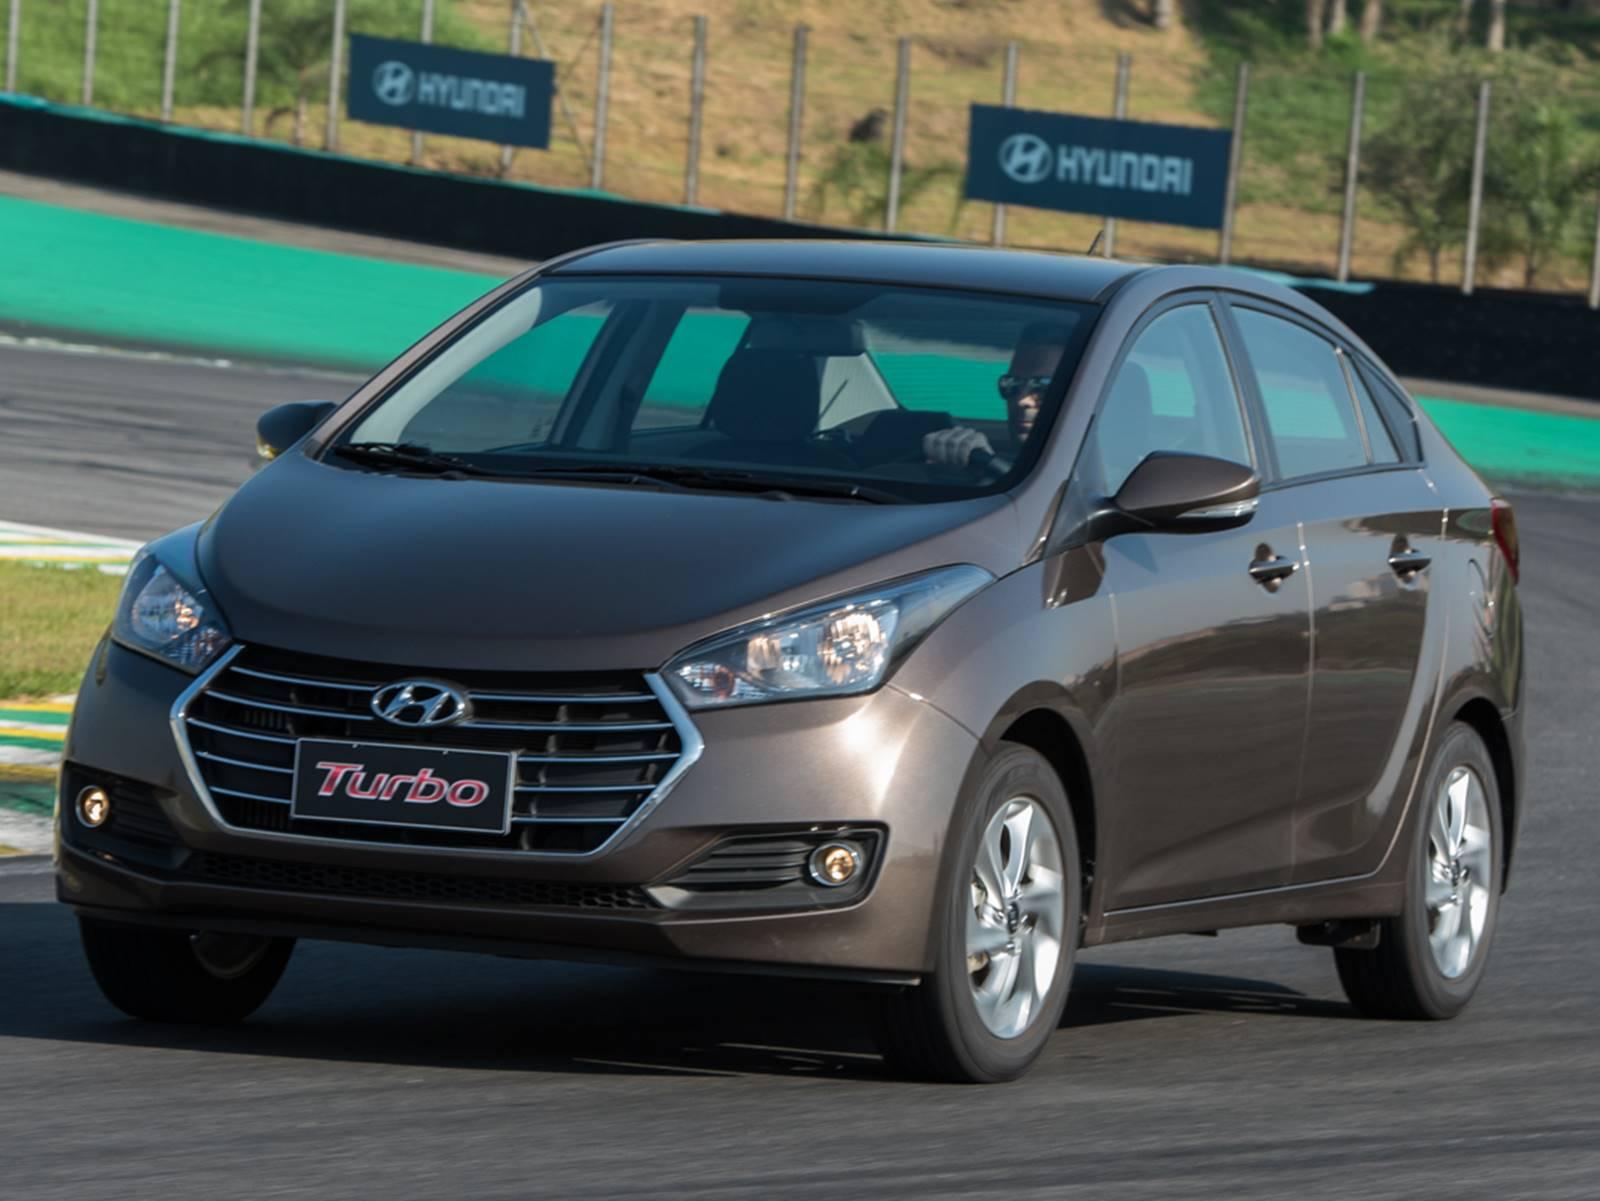 Hyundai HB20S (Sedã) Turbo  fotos, preços e especificações   CAR.BLOG.BR df887e1b57